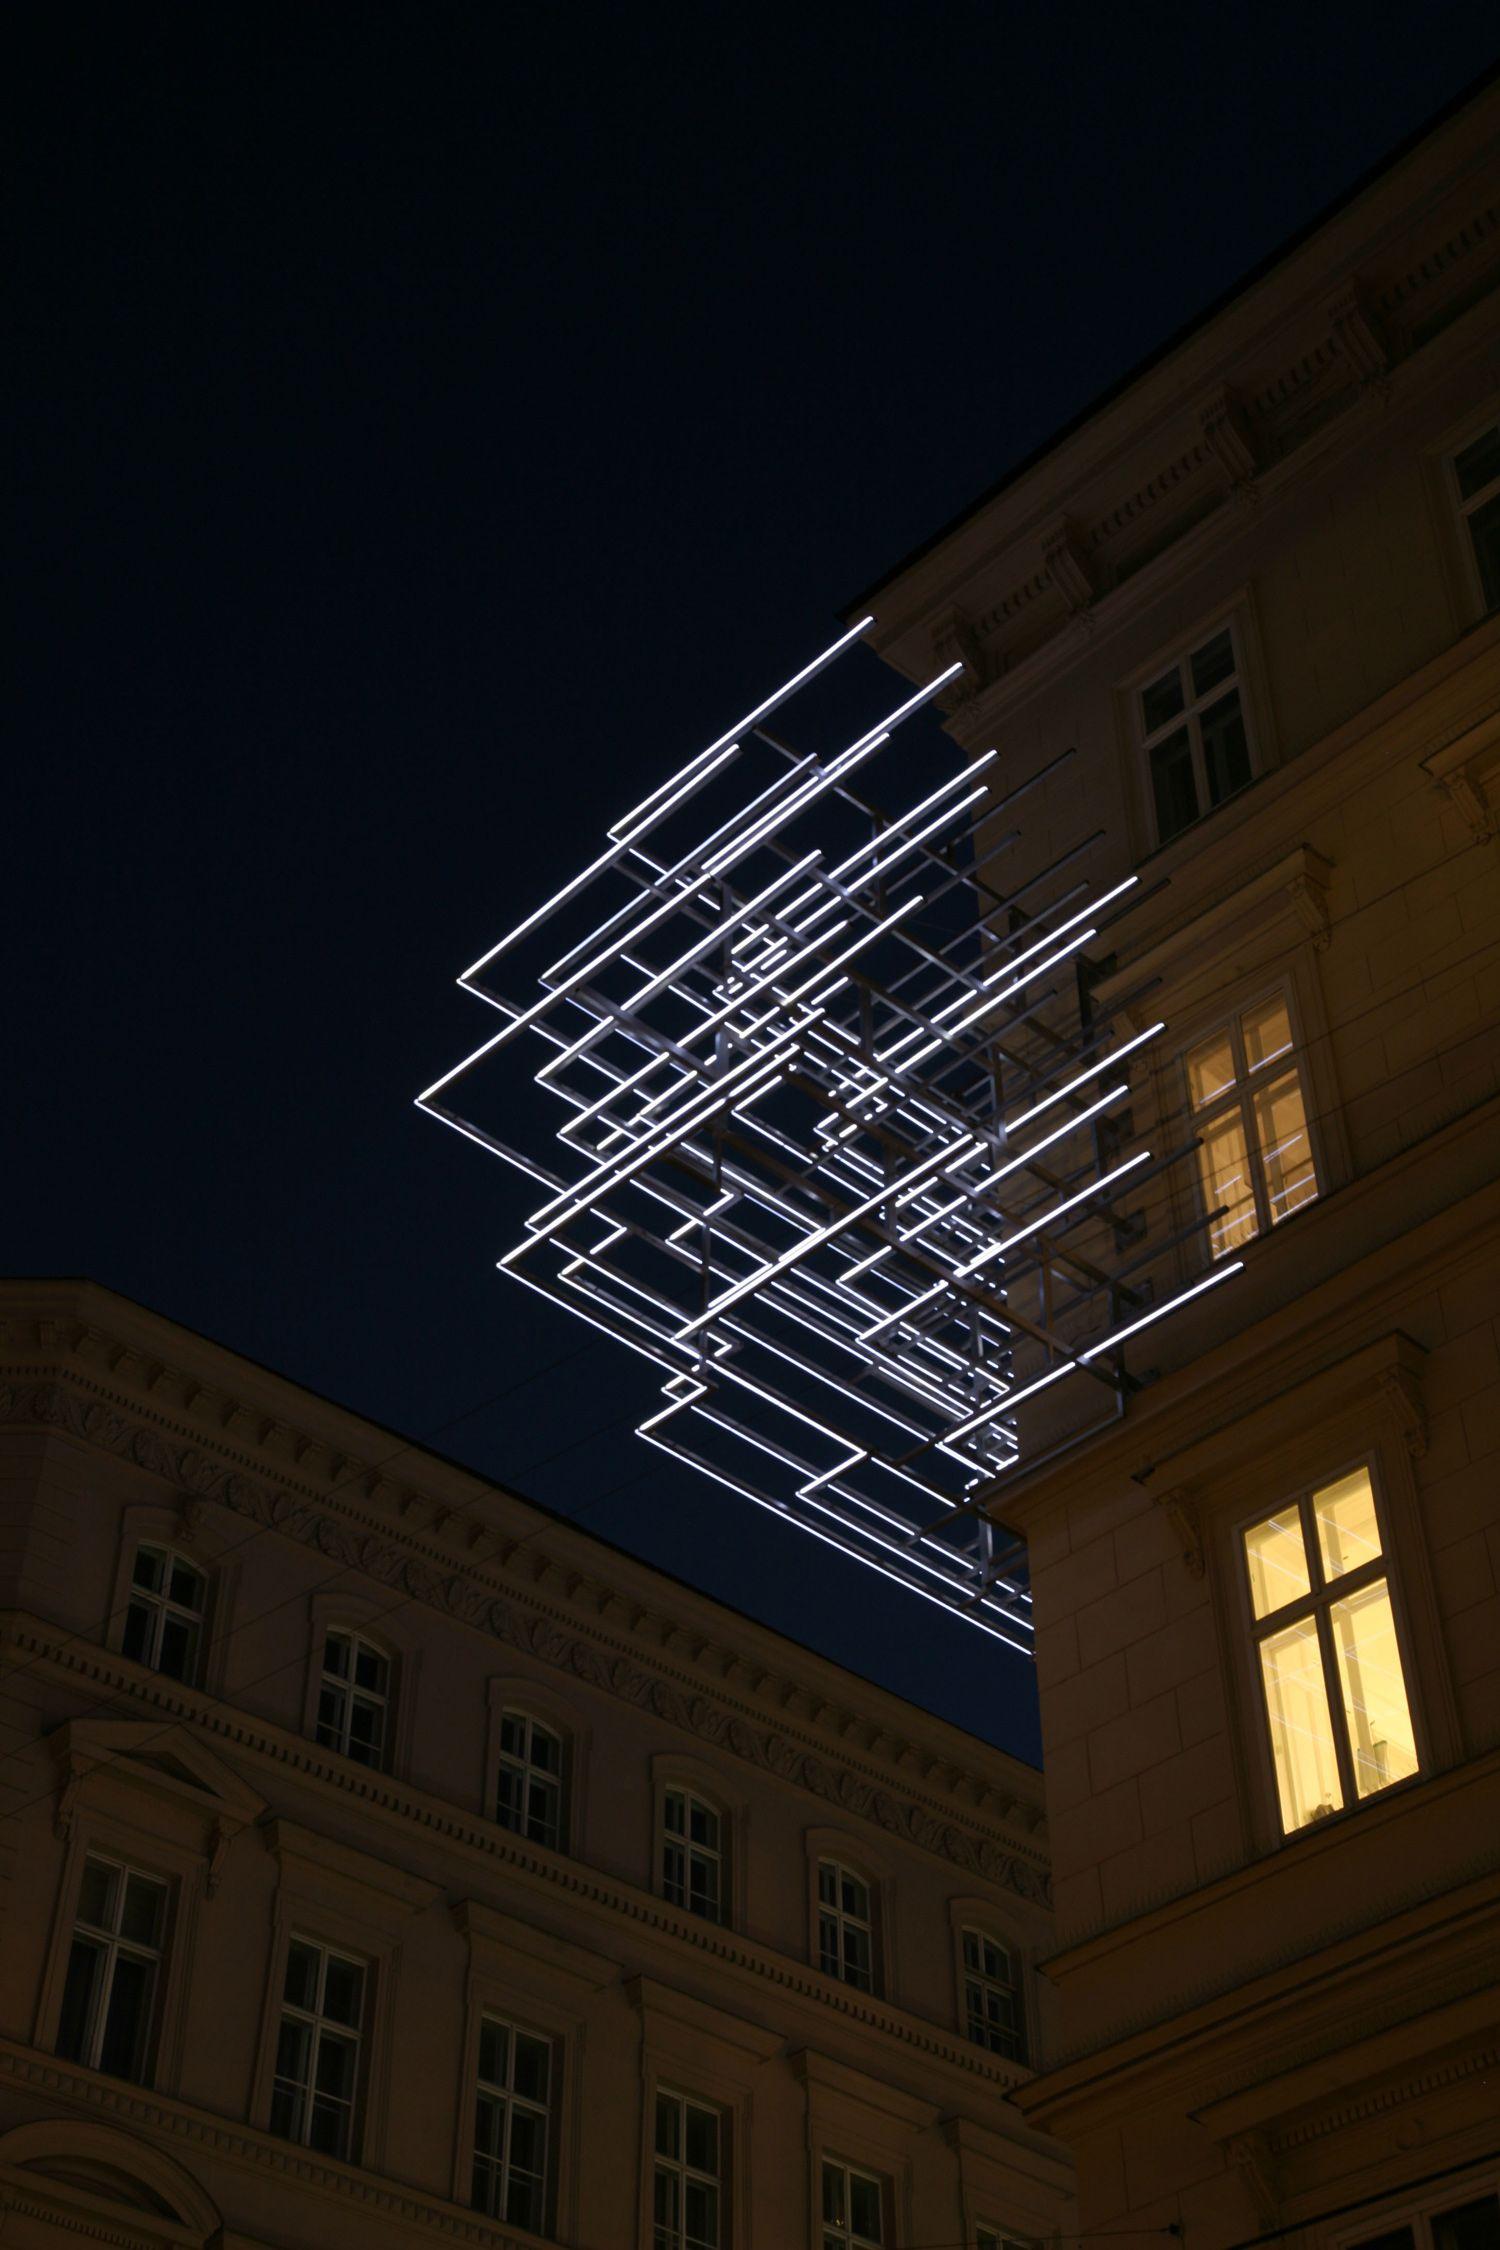 Brigitte Kowanz. Light Art Installation